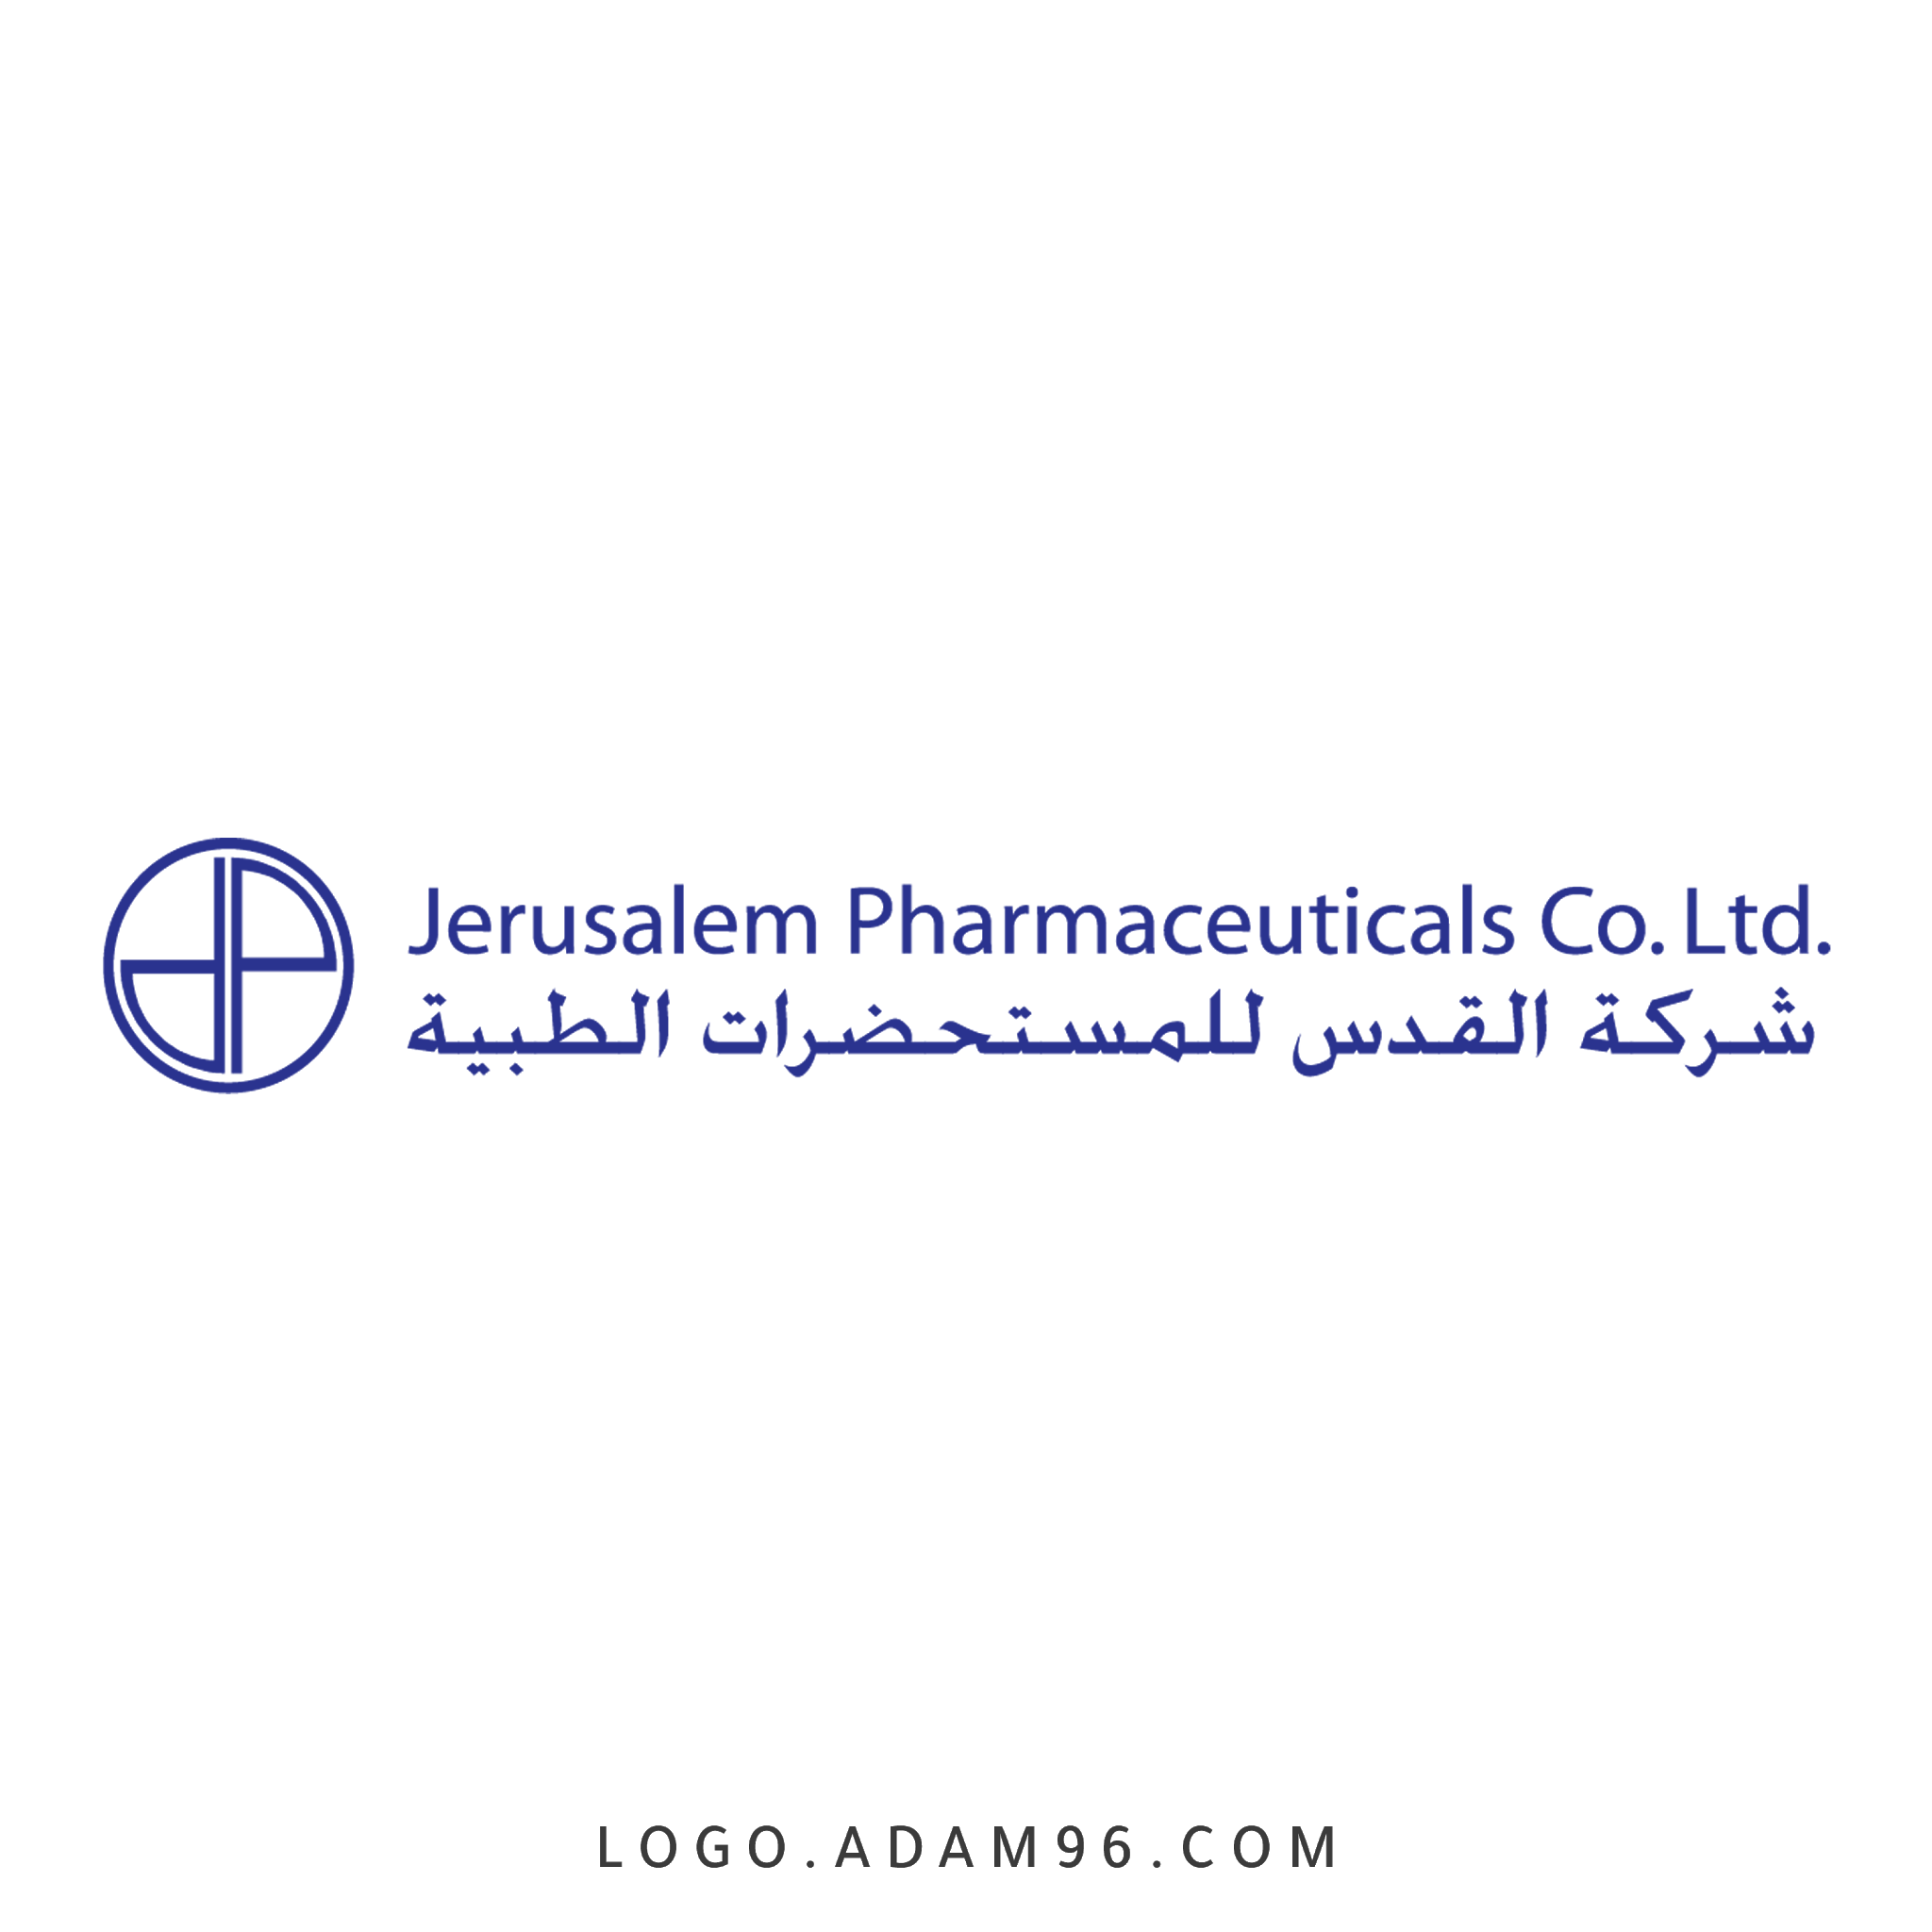 تحميل شعار شركة القدس للمستحضرات الطبية لوجو رسمي PNG